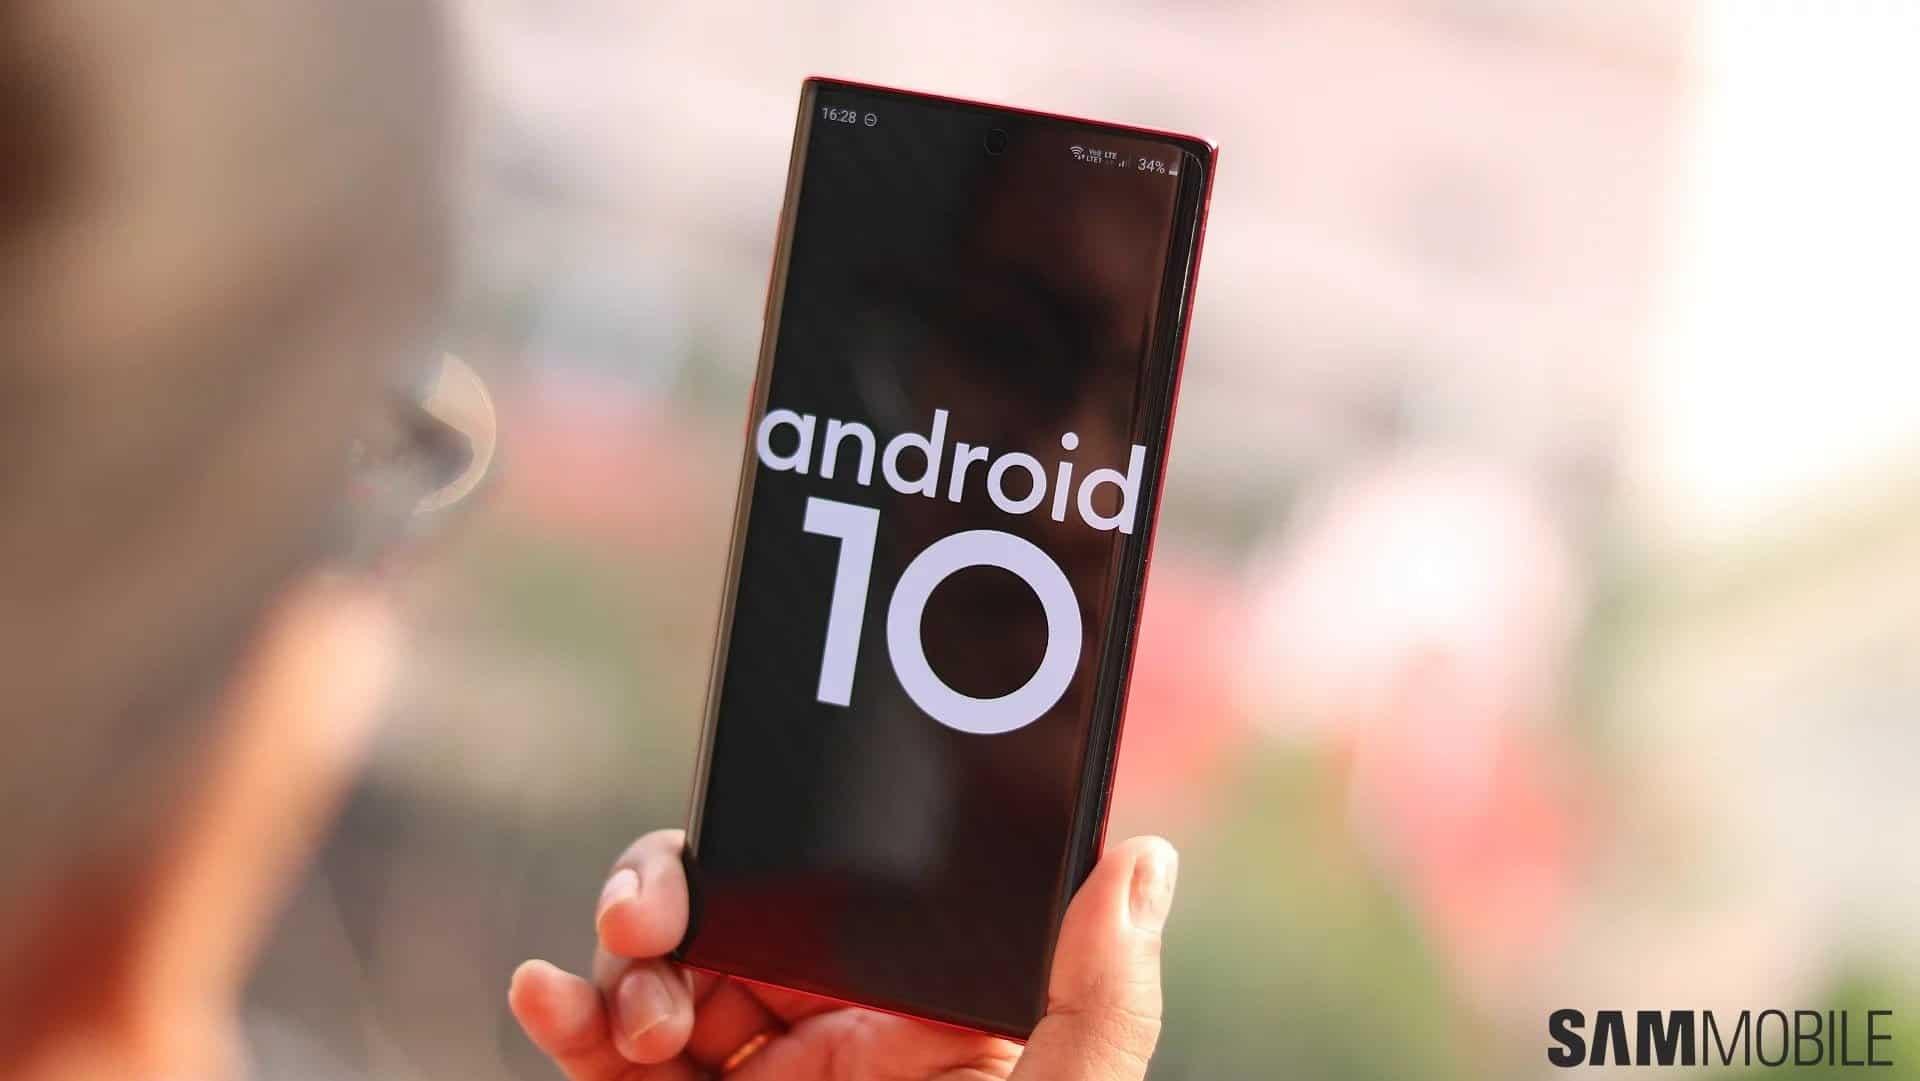 Samsung Galaxy Note 10 Android 10 Update erhält Freigabe techboys.de • smarte News, auf den Punkt!